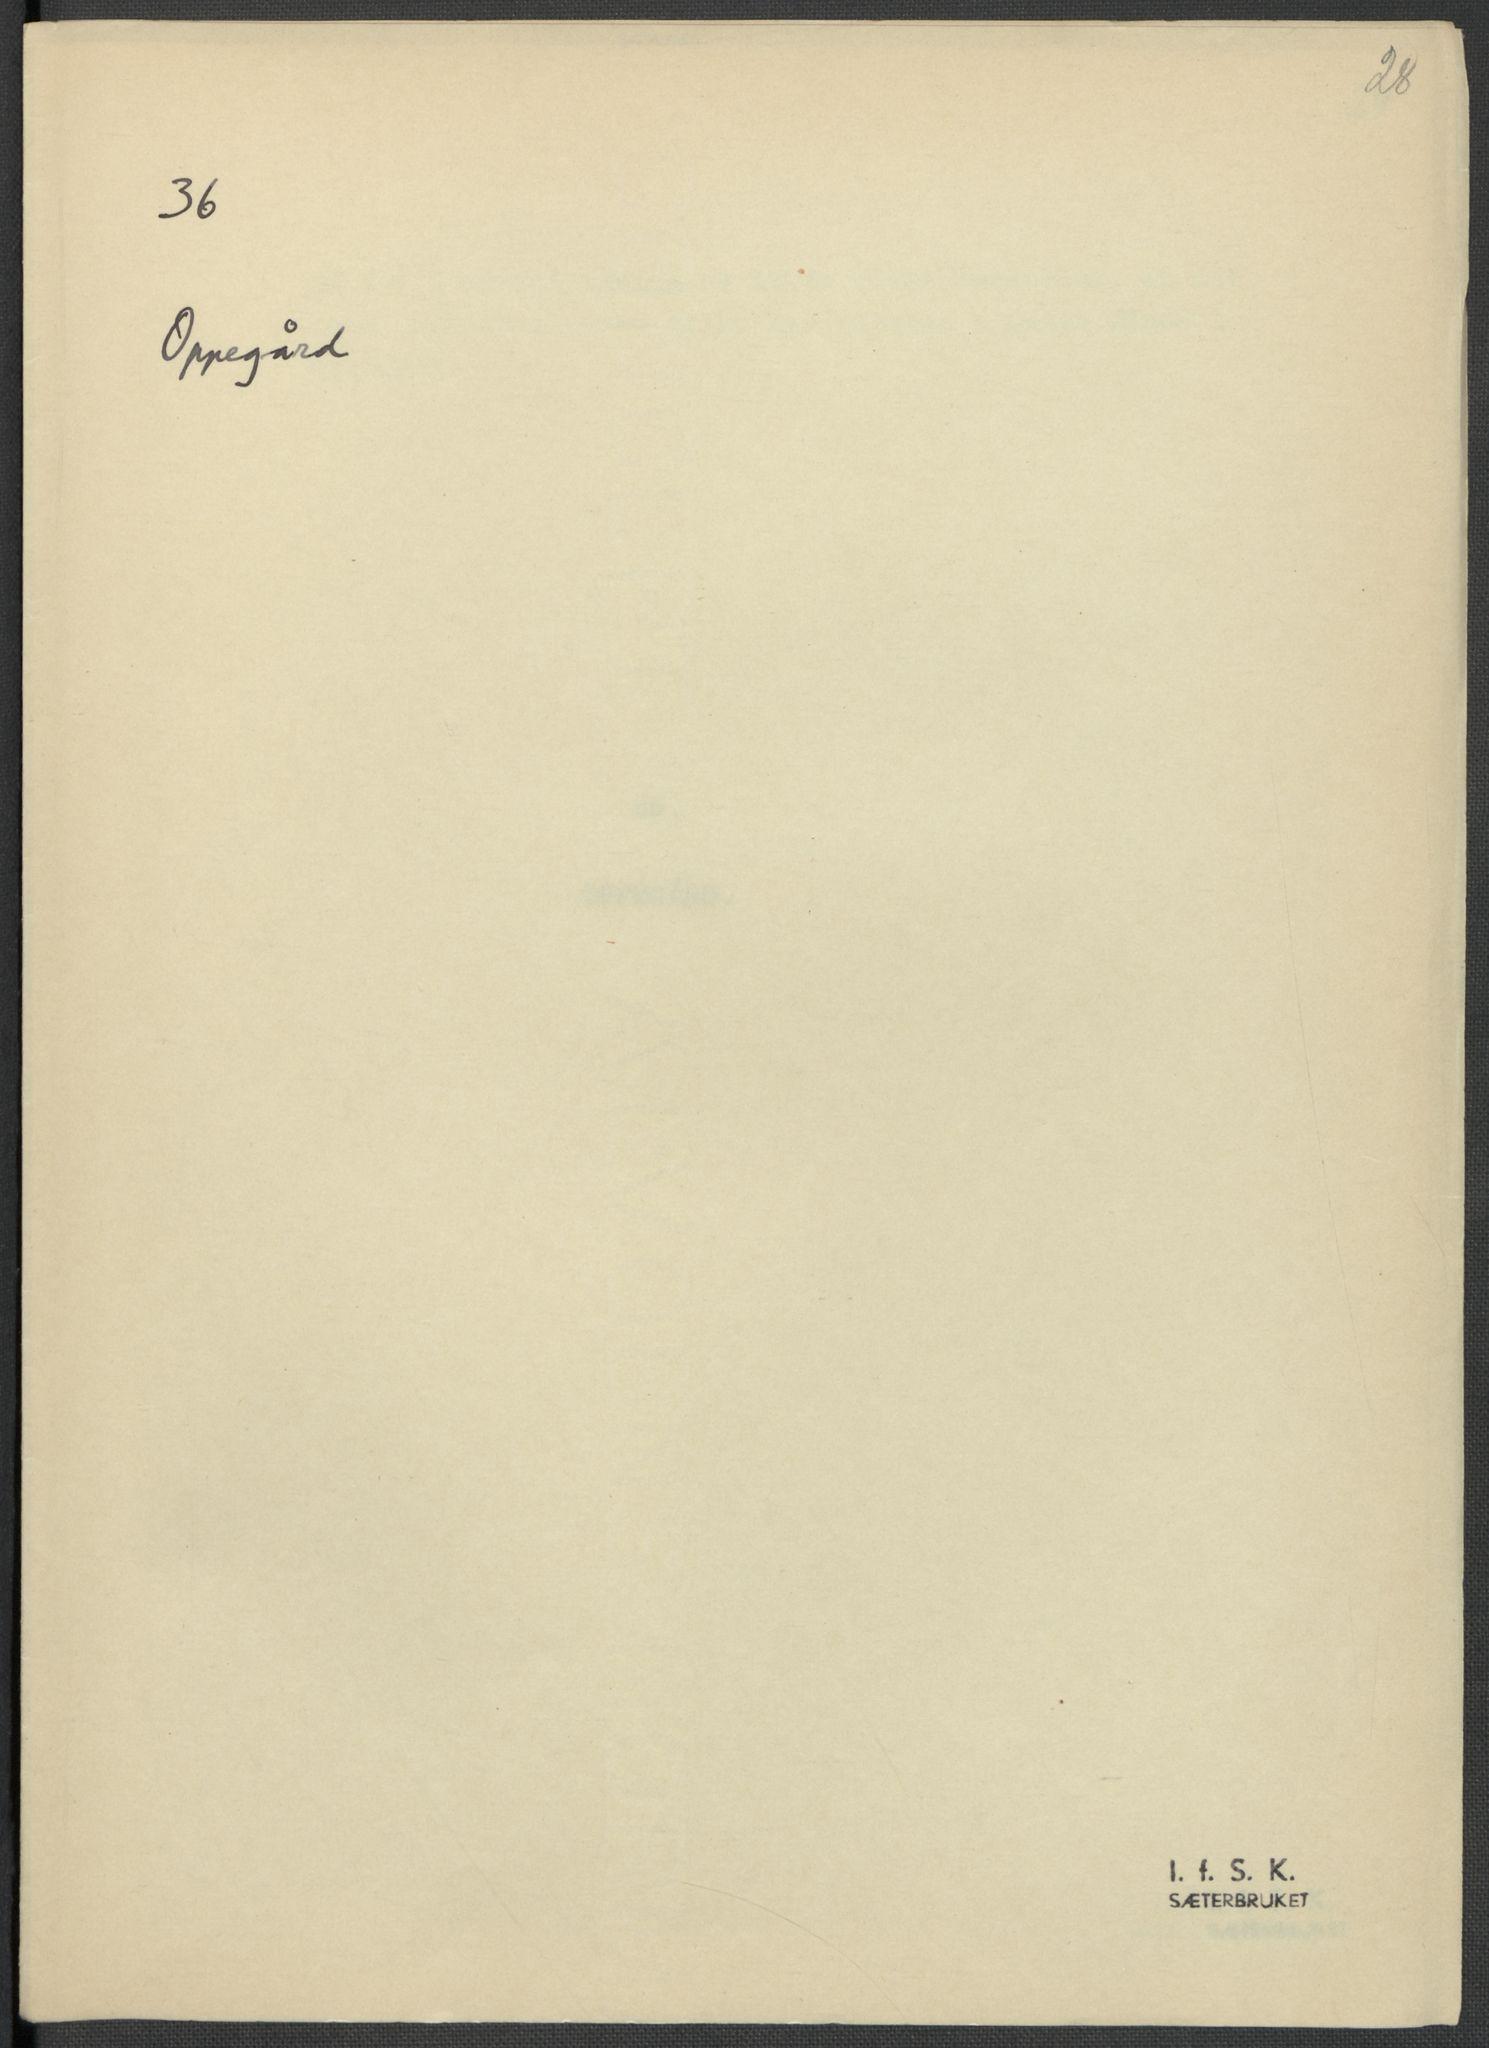 RA, Instituttet for sammenlignende kulturforskning, F/Fc/L0002: Eske B2:, 1932-1936, s. 28